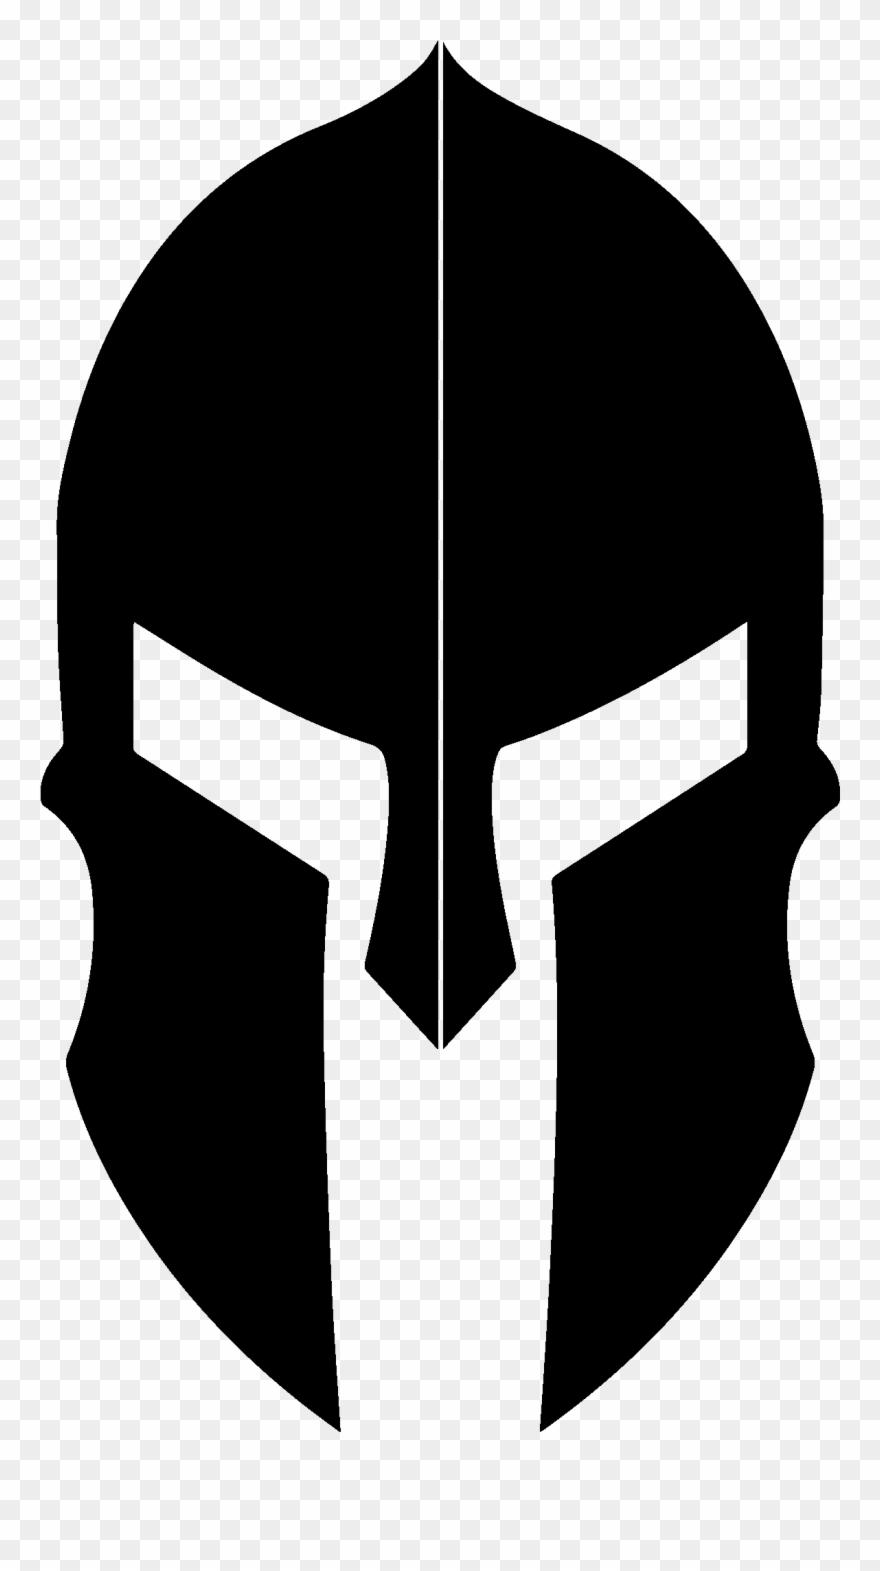 Clipart Shield Spartan Shield.